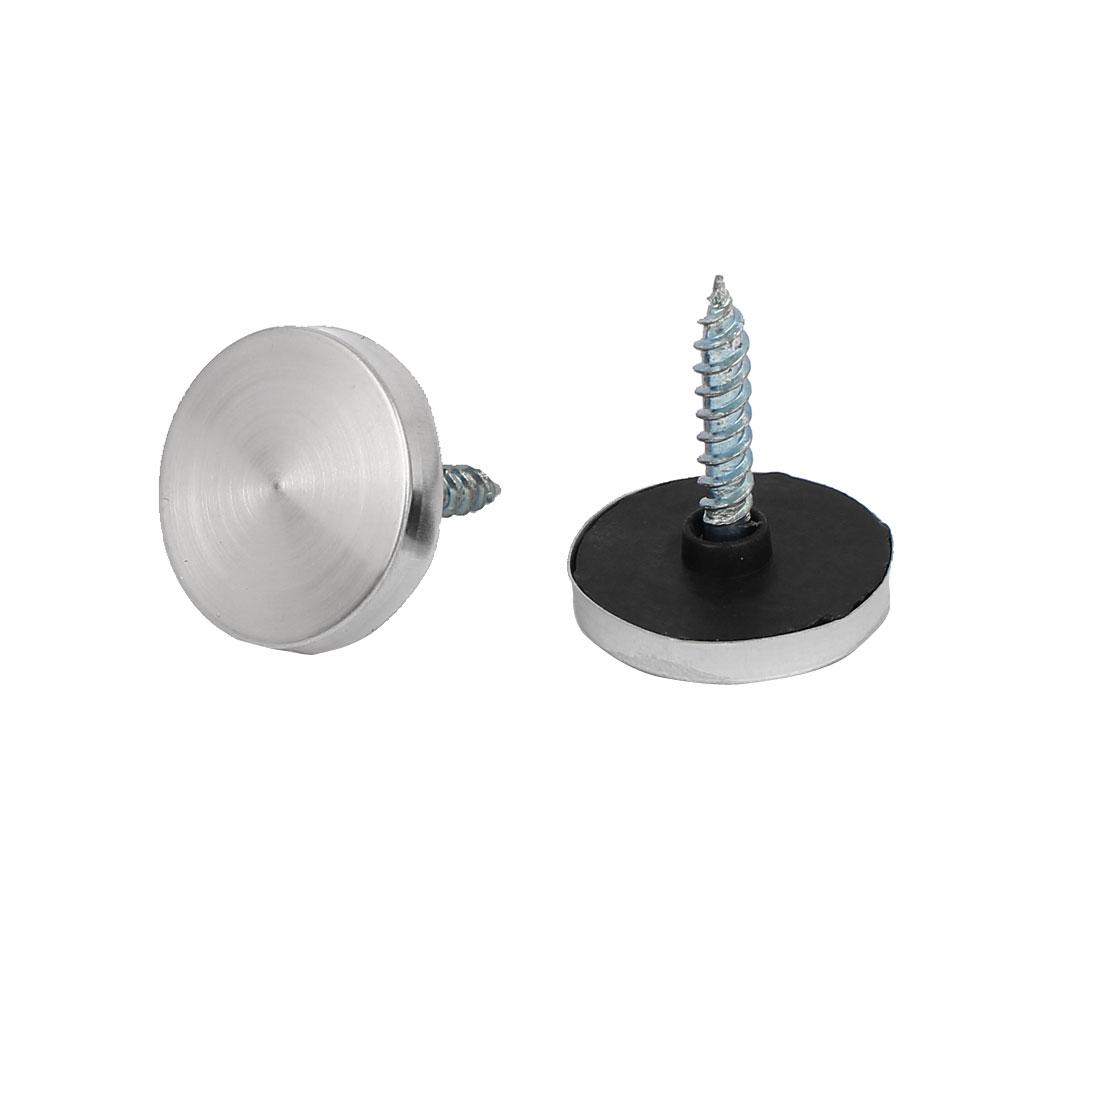 Porte salle ronde Table miroir acier inox bouchon vis Dia 20mm clou 200Pcs - image 2 de 3